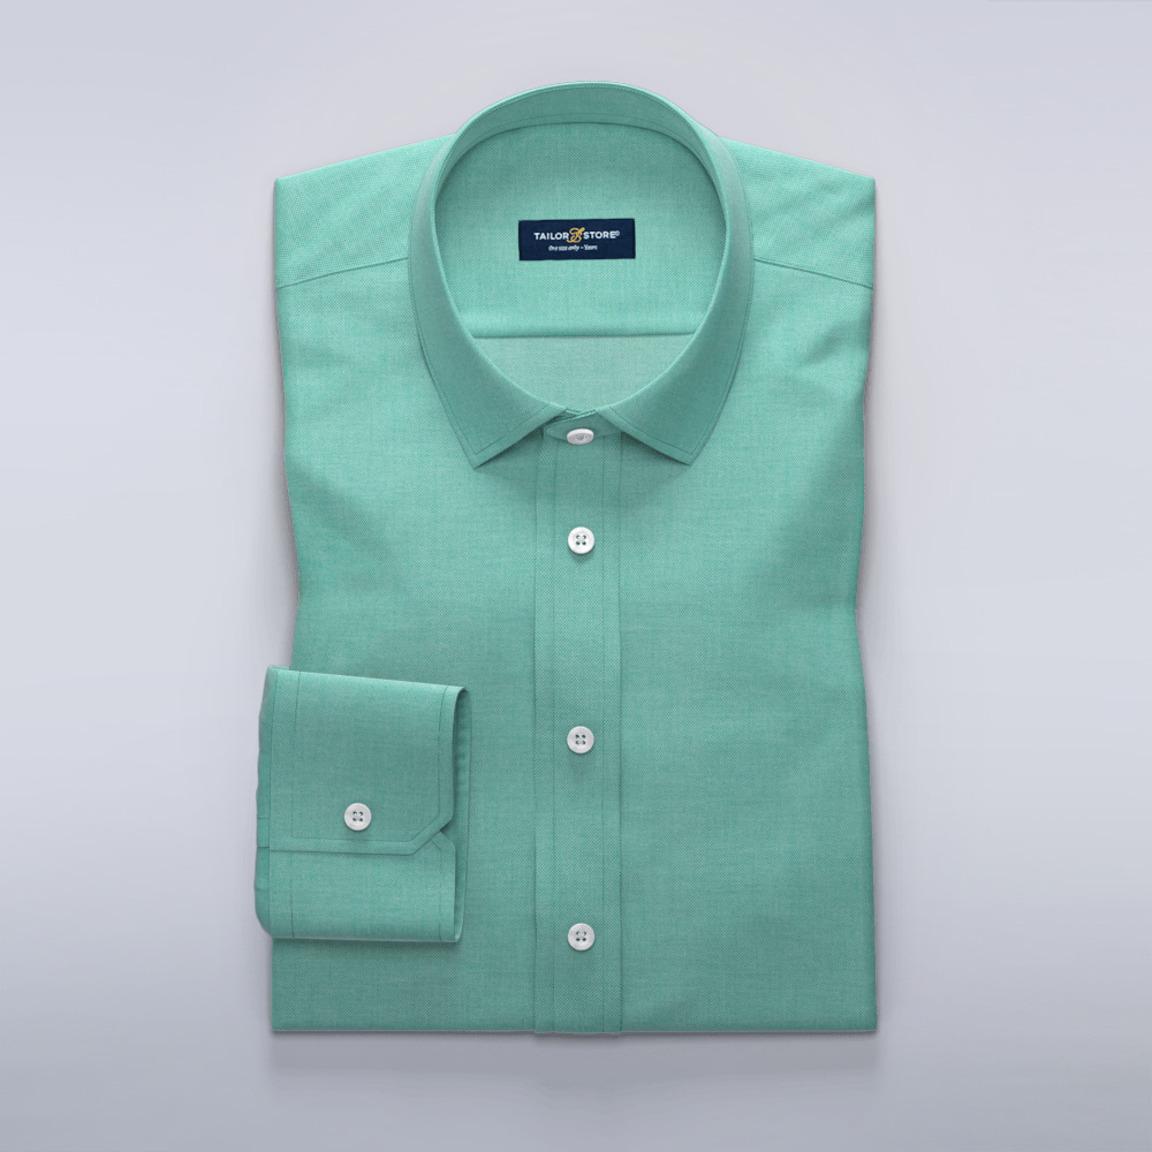 Leichtes Business-Hemd aus grauem Ratière-Gewebe